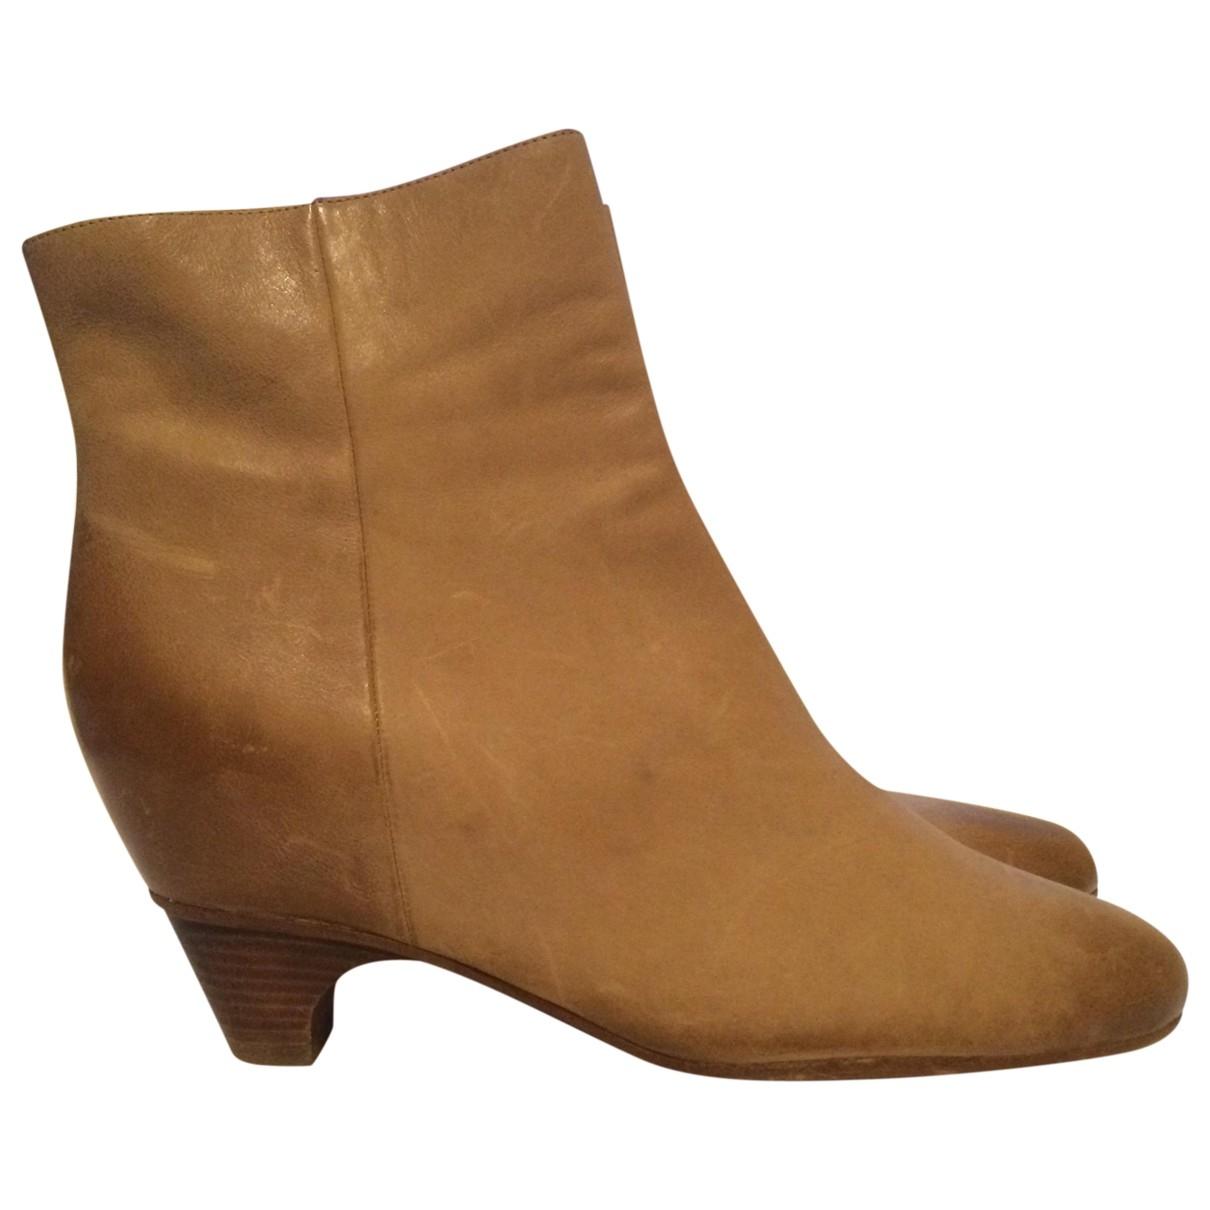 Maison Martin Margiela - Boots   pour femme en cuir